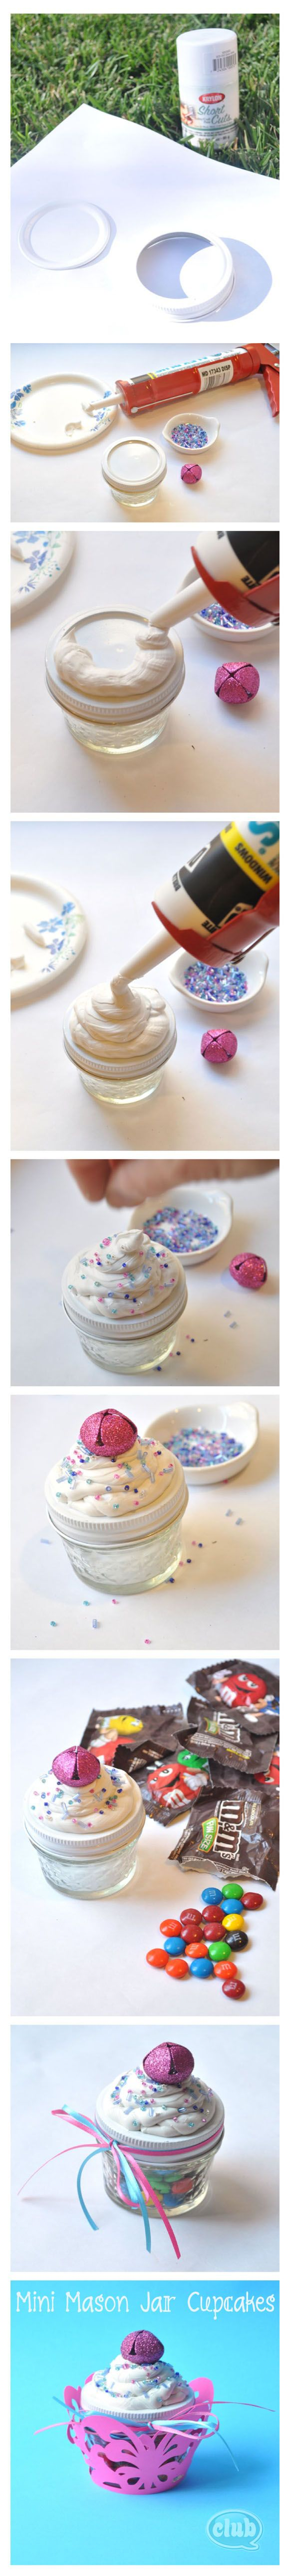 Mini Mason jar cupcakes